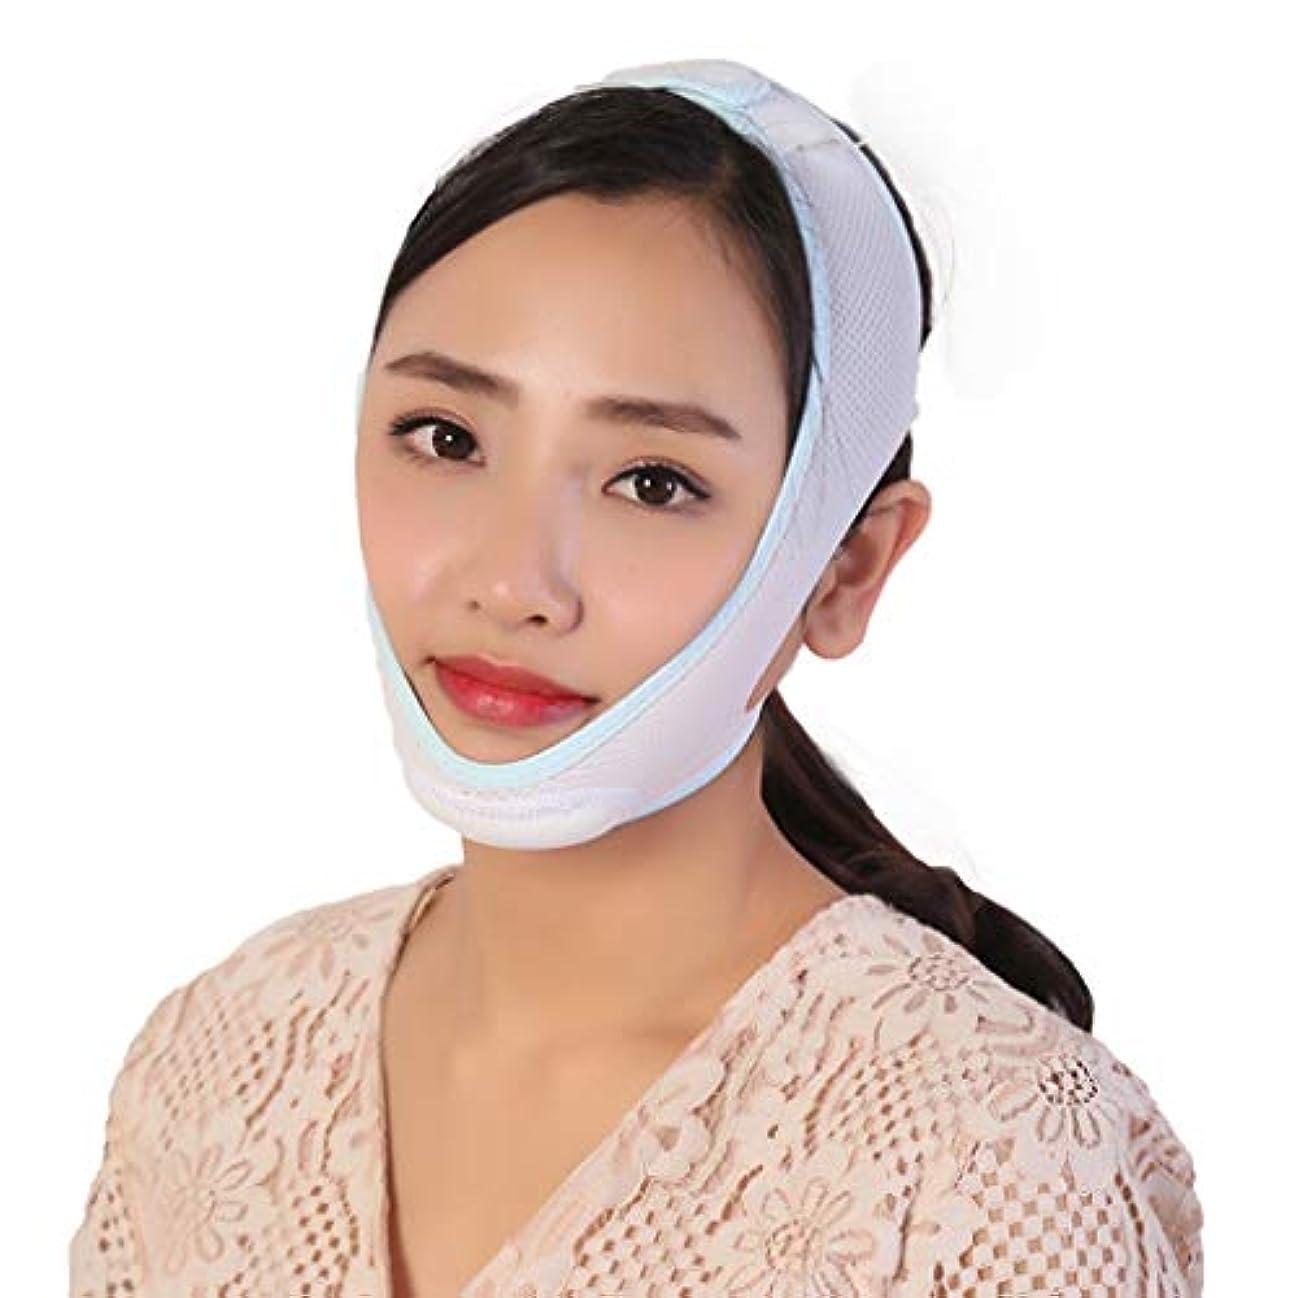 再生可能早熟フィクション顔の顔を持ち上げる顔のマスクを改善するために快適な顔面曲線包括的通気性包帯